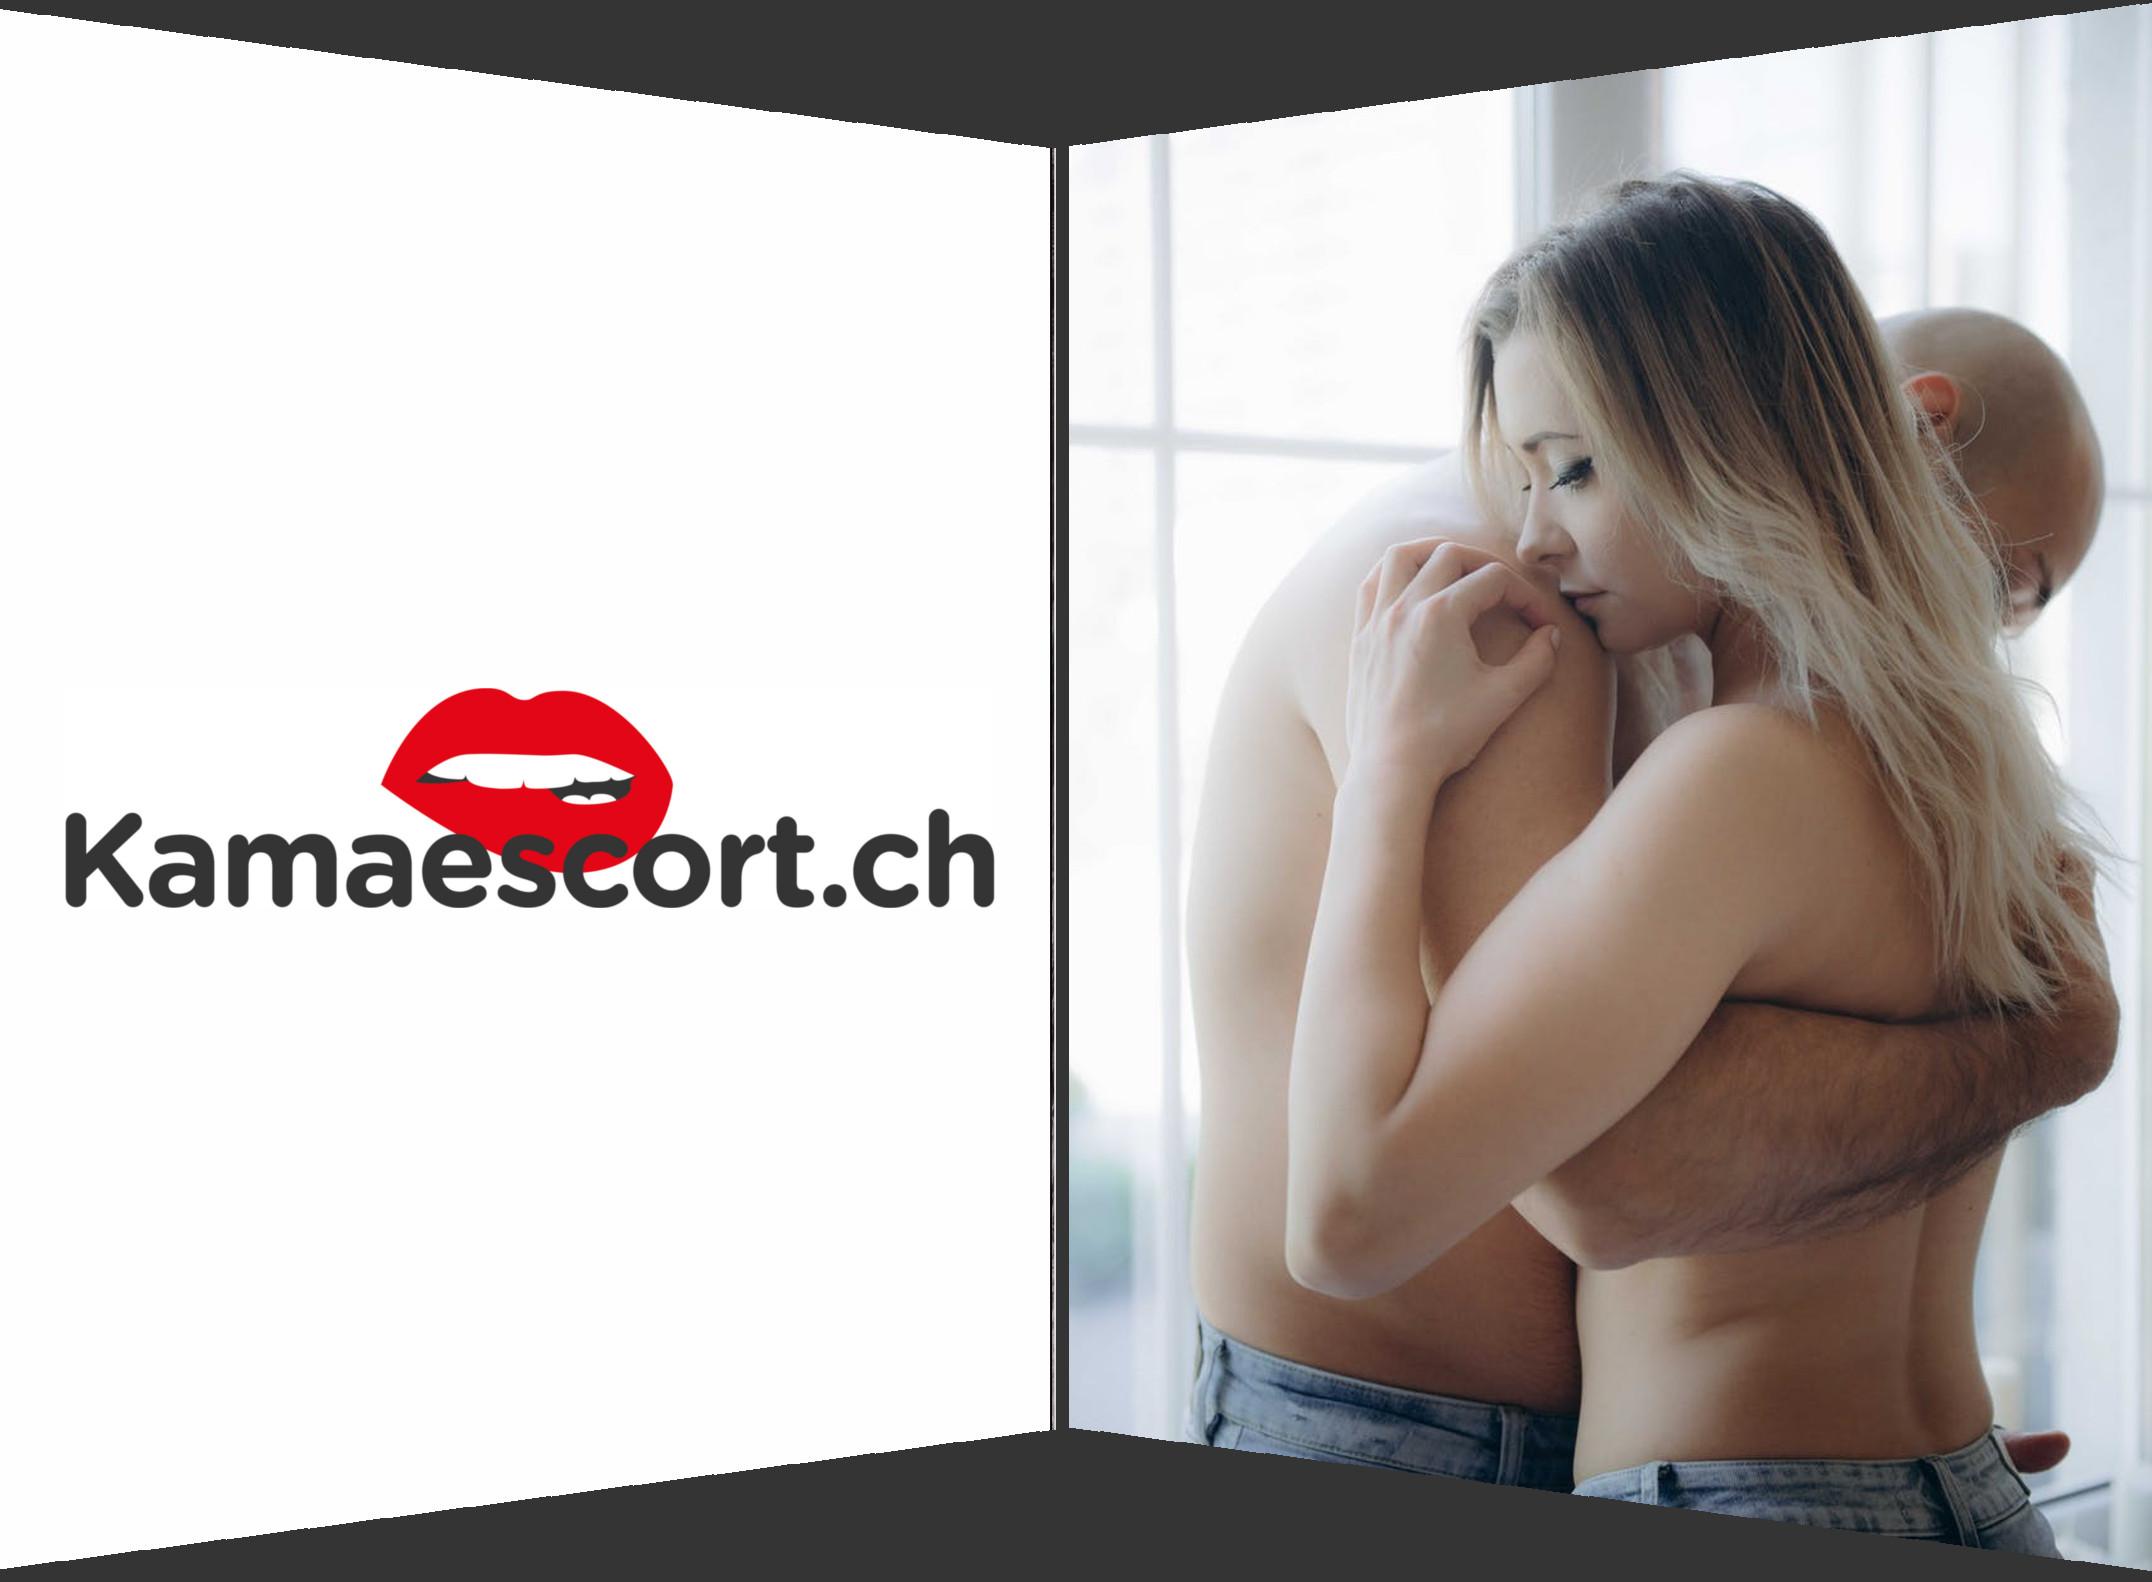 Pourquoi faut-il passer par une agence escorte à Zurich ?